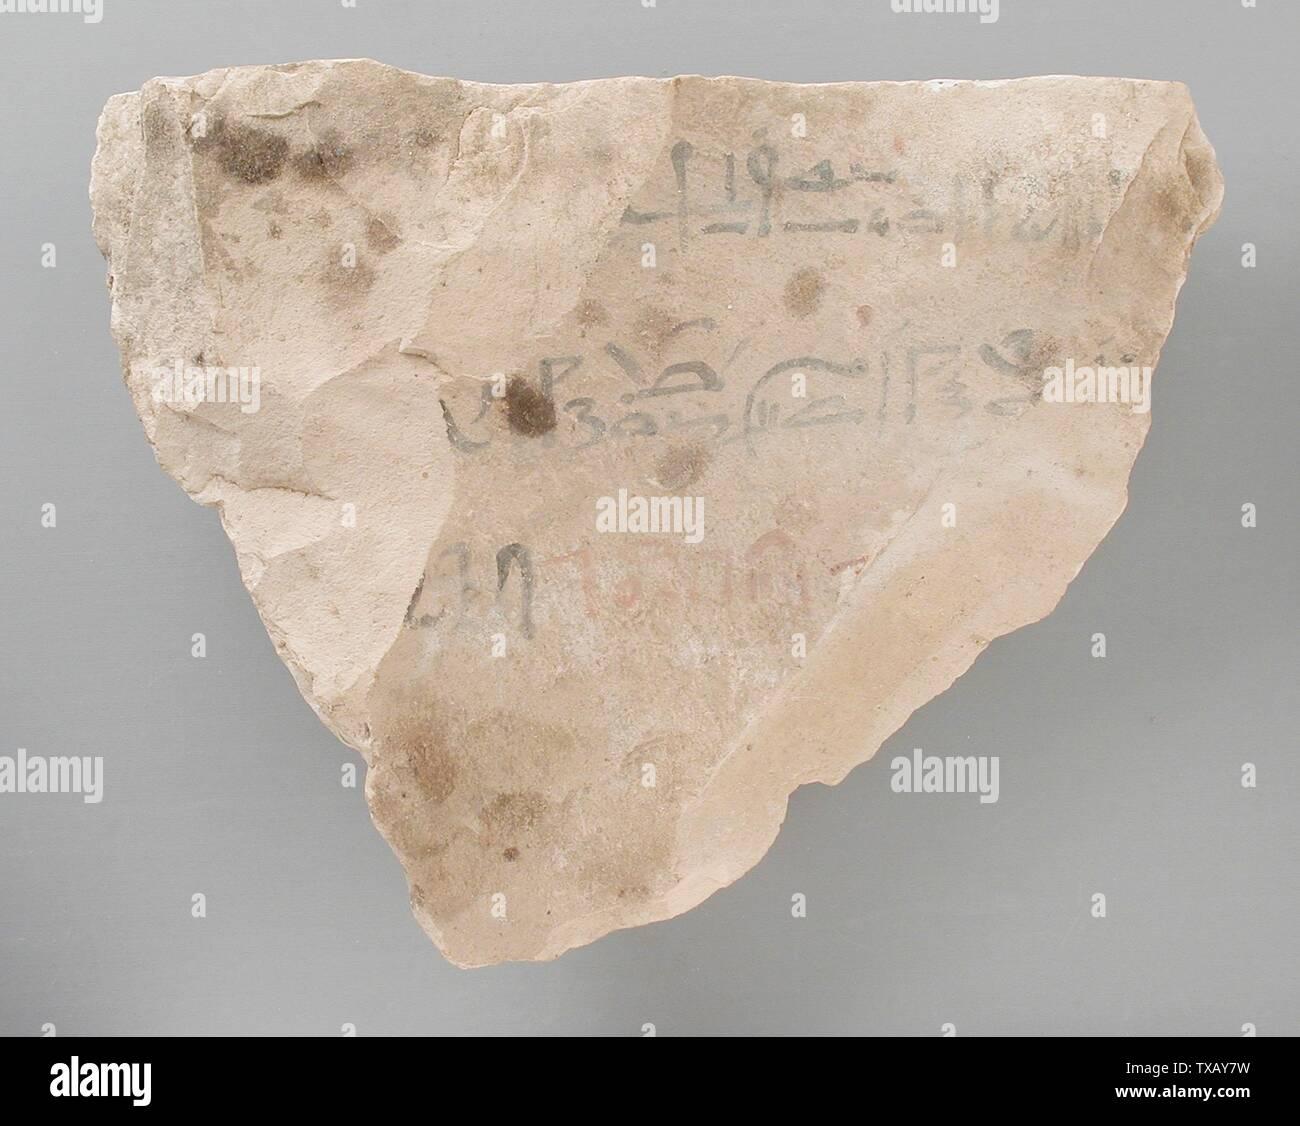 'Ostracon avec le début du texte littéraire 'Instruction d'Amenemhat'; l'Égypte, Nouvel Empire, 19e dynastie (1315 - 1081 avant notre ère) Outils et équipement; calcaire ostraka 4 1/2 x 5 9/16 in. (11,4 x 14,2 cm Don de Carl W. Thomas (M.80.203.201) L'art égyptien; 19e - 20e dynastie (1315 - 1081 avant notre ère); ' Photo Stock